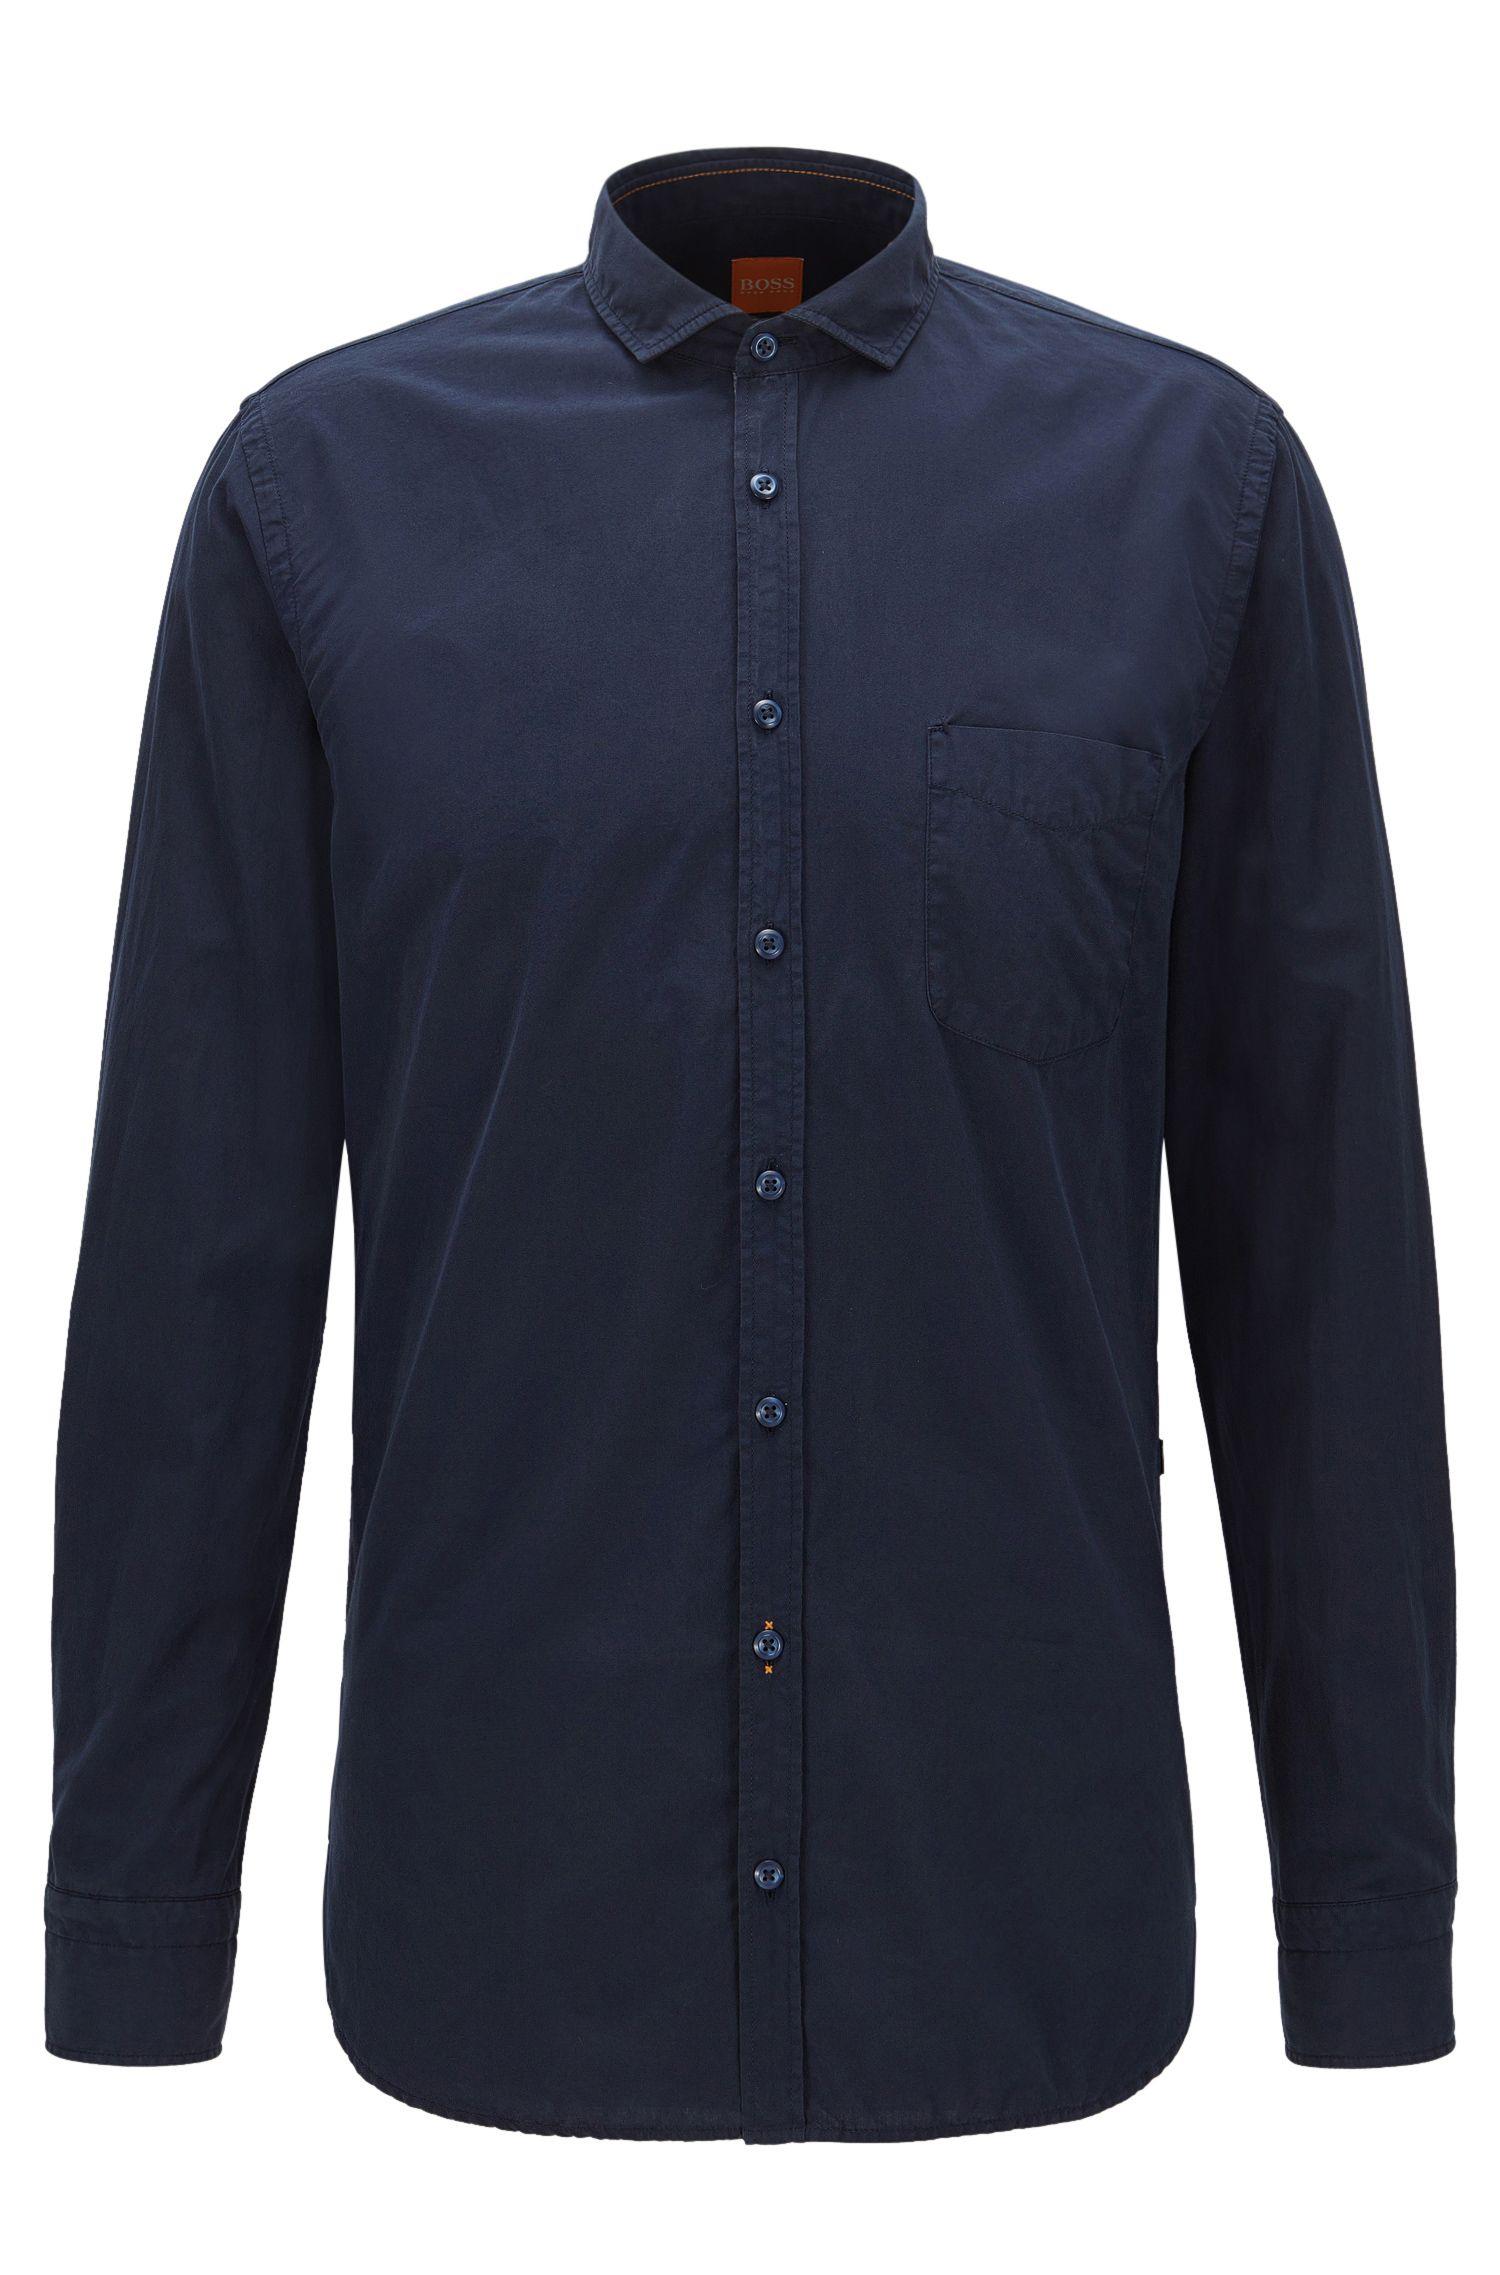 Cotton Poplin Button Down Shirt, Slim Fit | Cattitude Short, Dark Blue